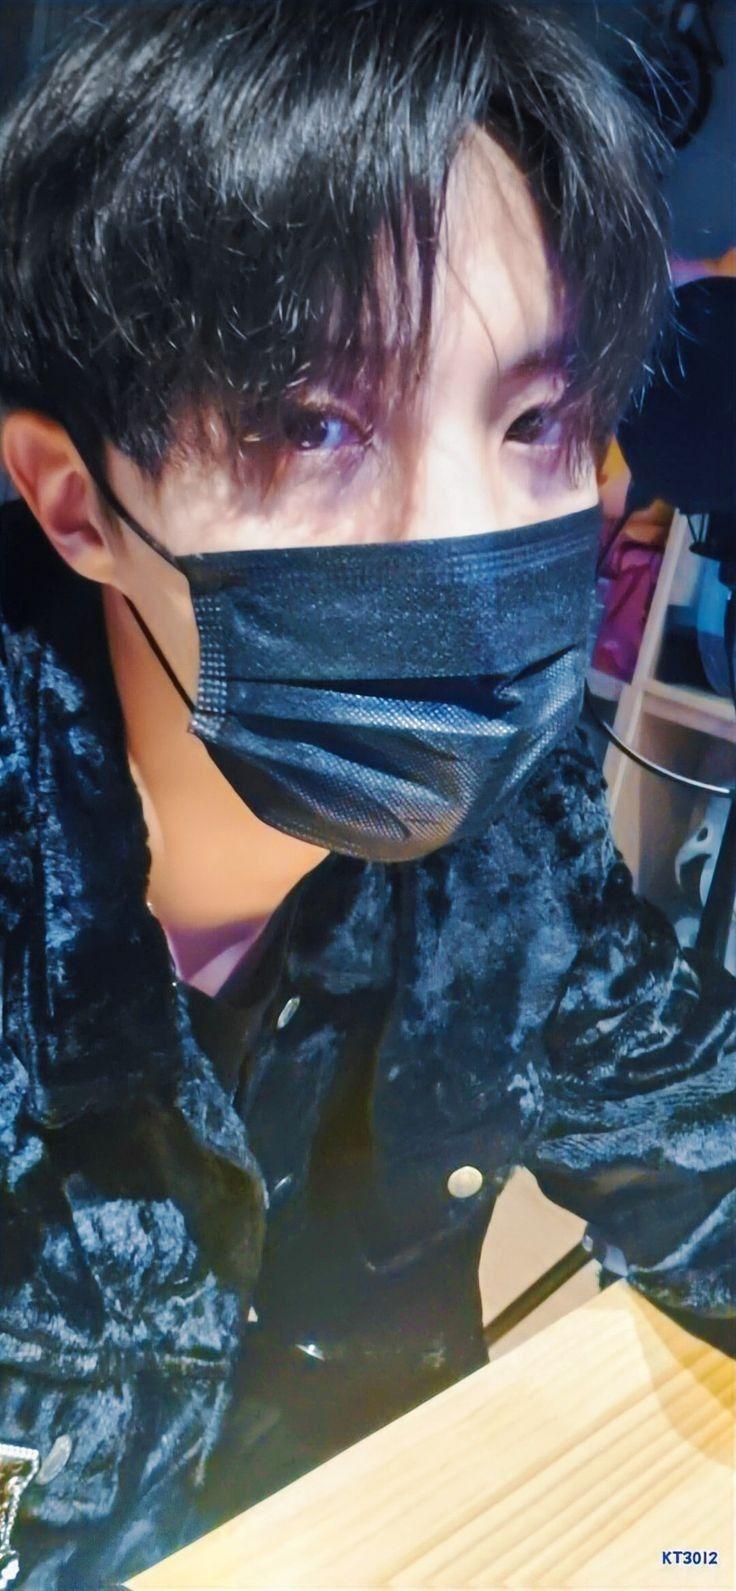 Pin de Park Jimin 13 🍓 em JHOPE ♡ em 2020 Rapper, Jung